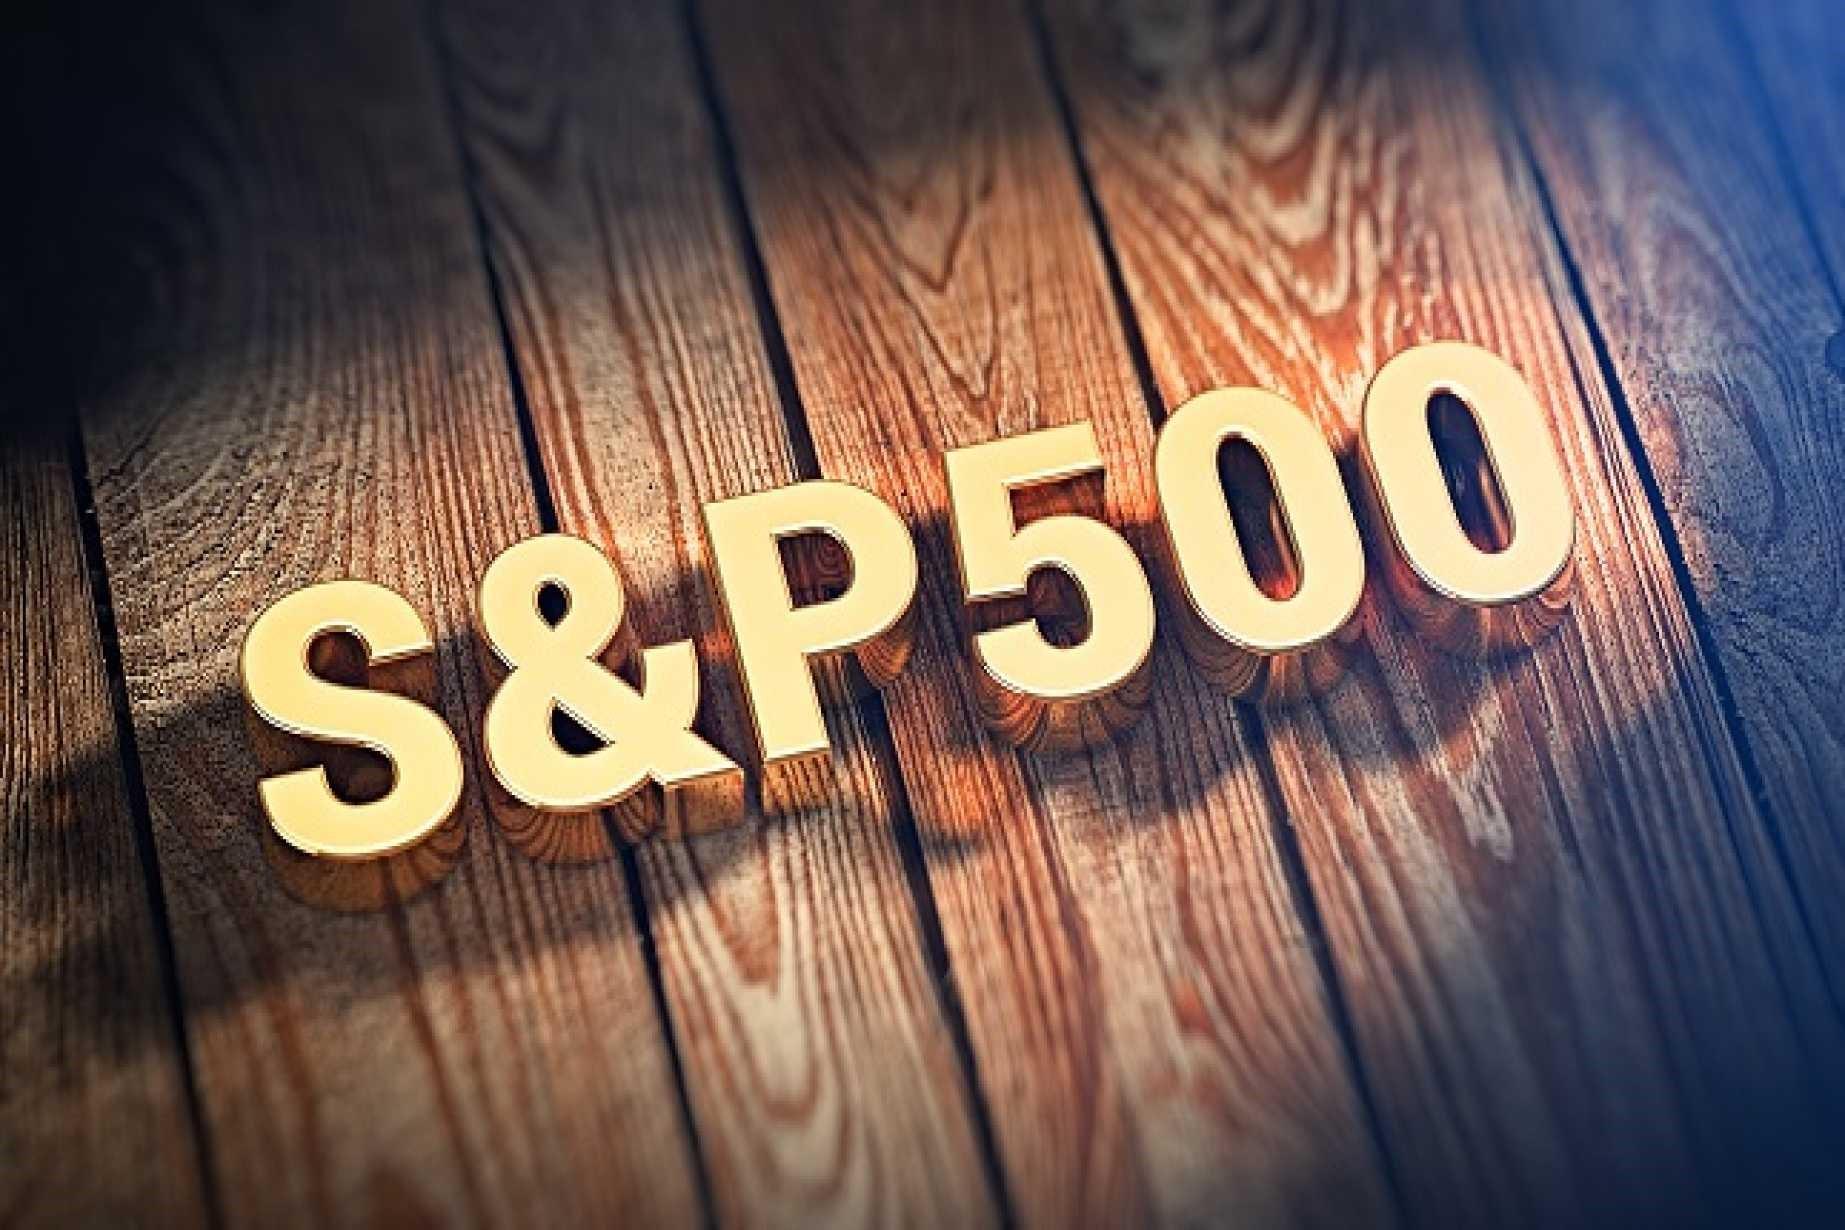 Europeiska ETF-investerare tog ut 7,8 miljarder dollar från S&P 500-fonder